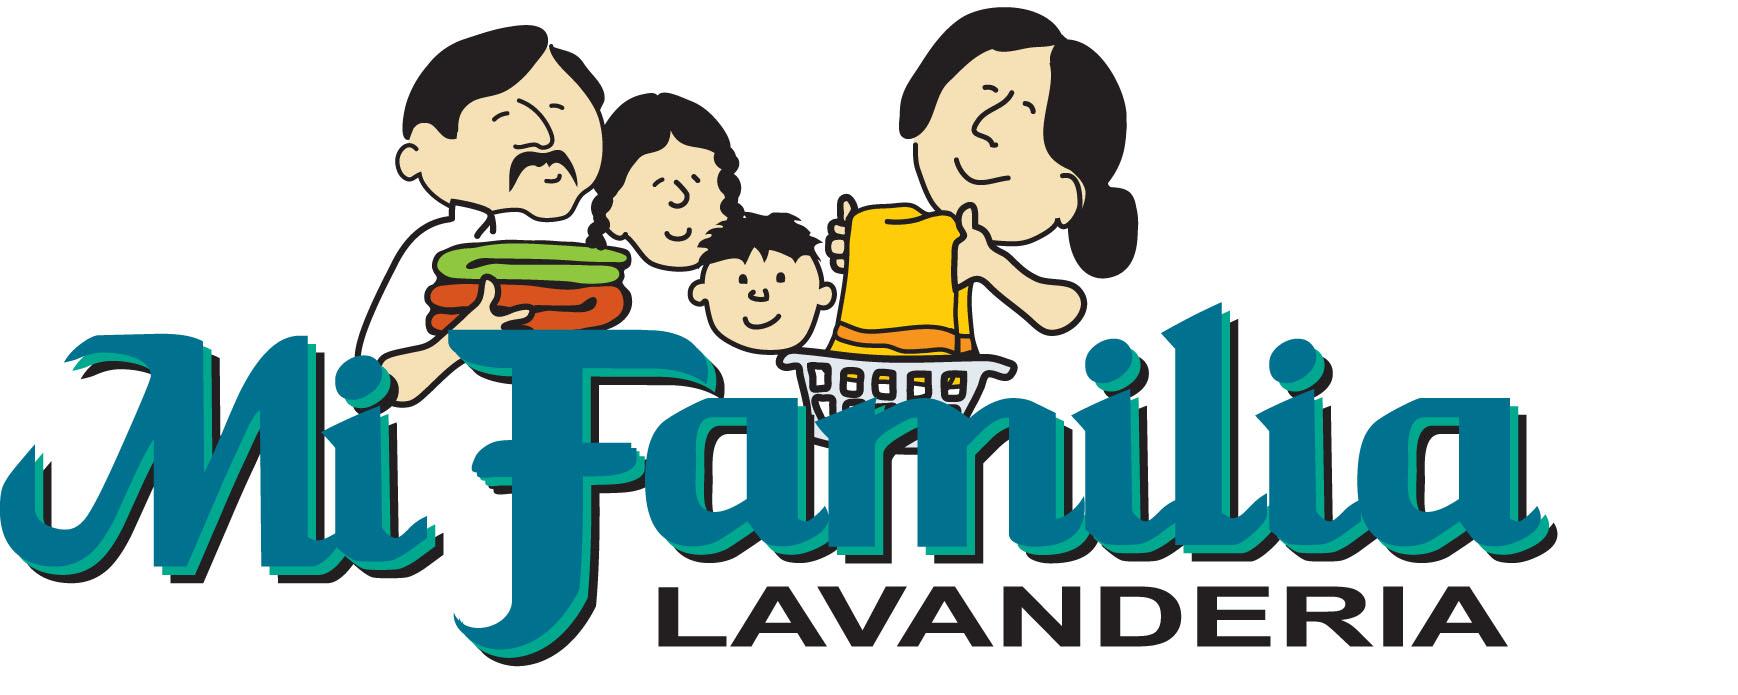 Mi Familia Lavanderia is a self.